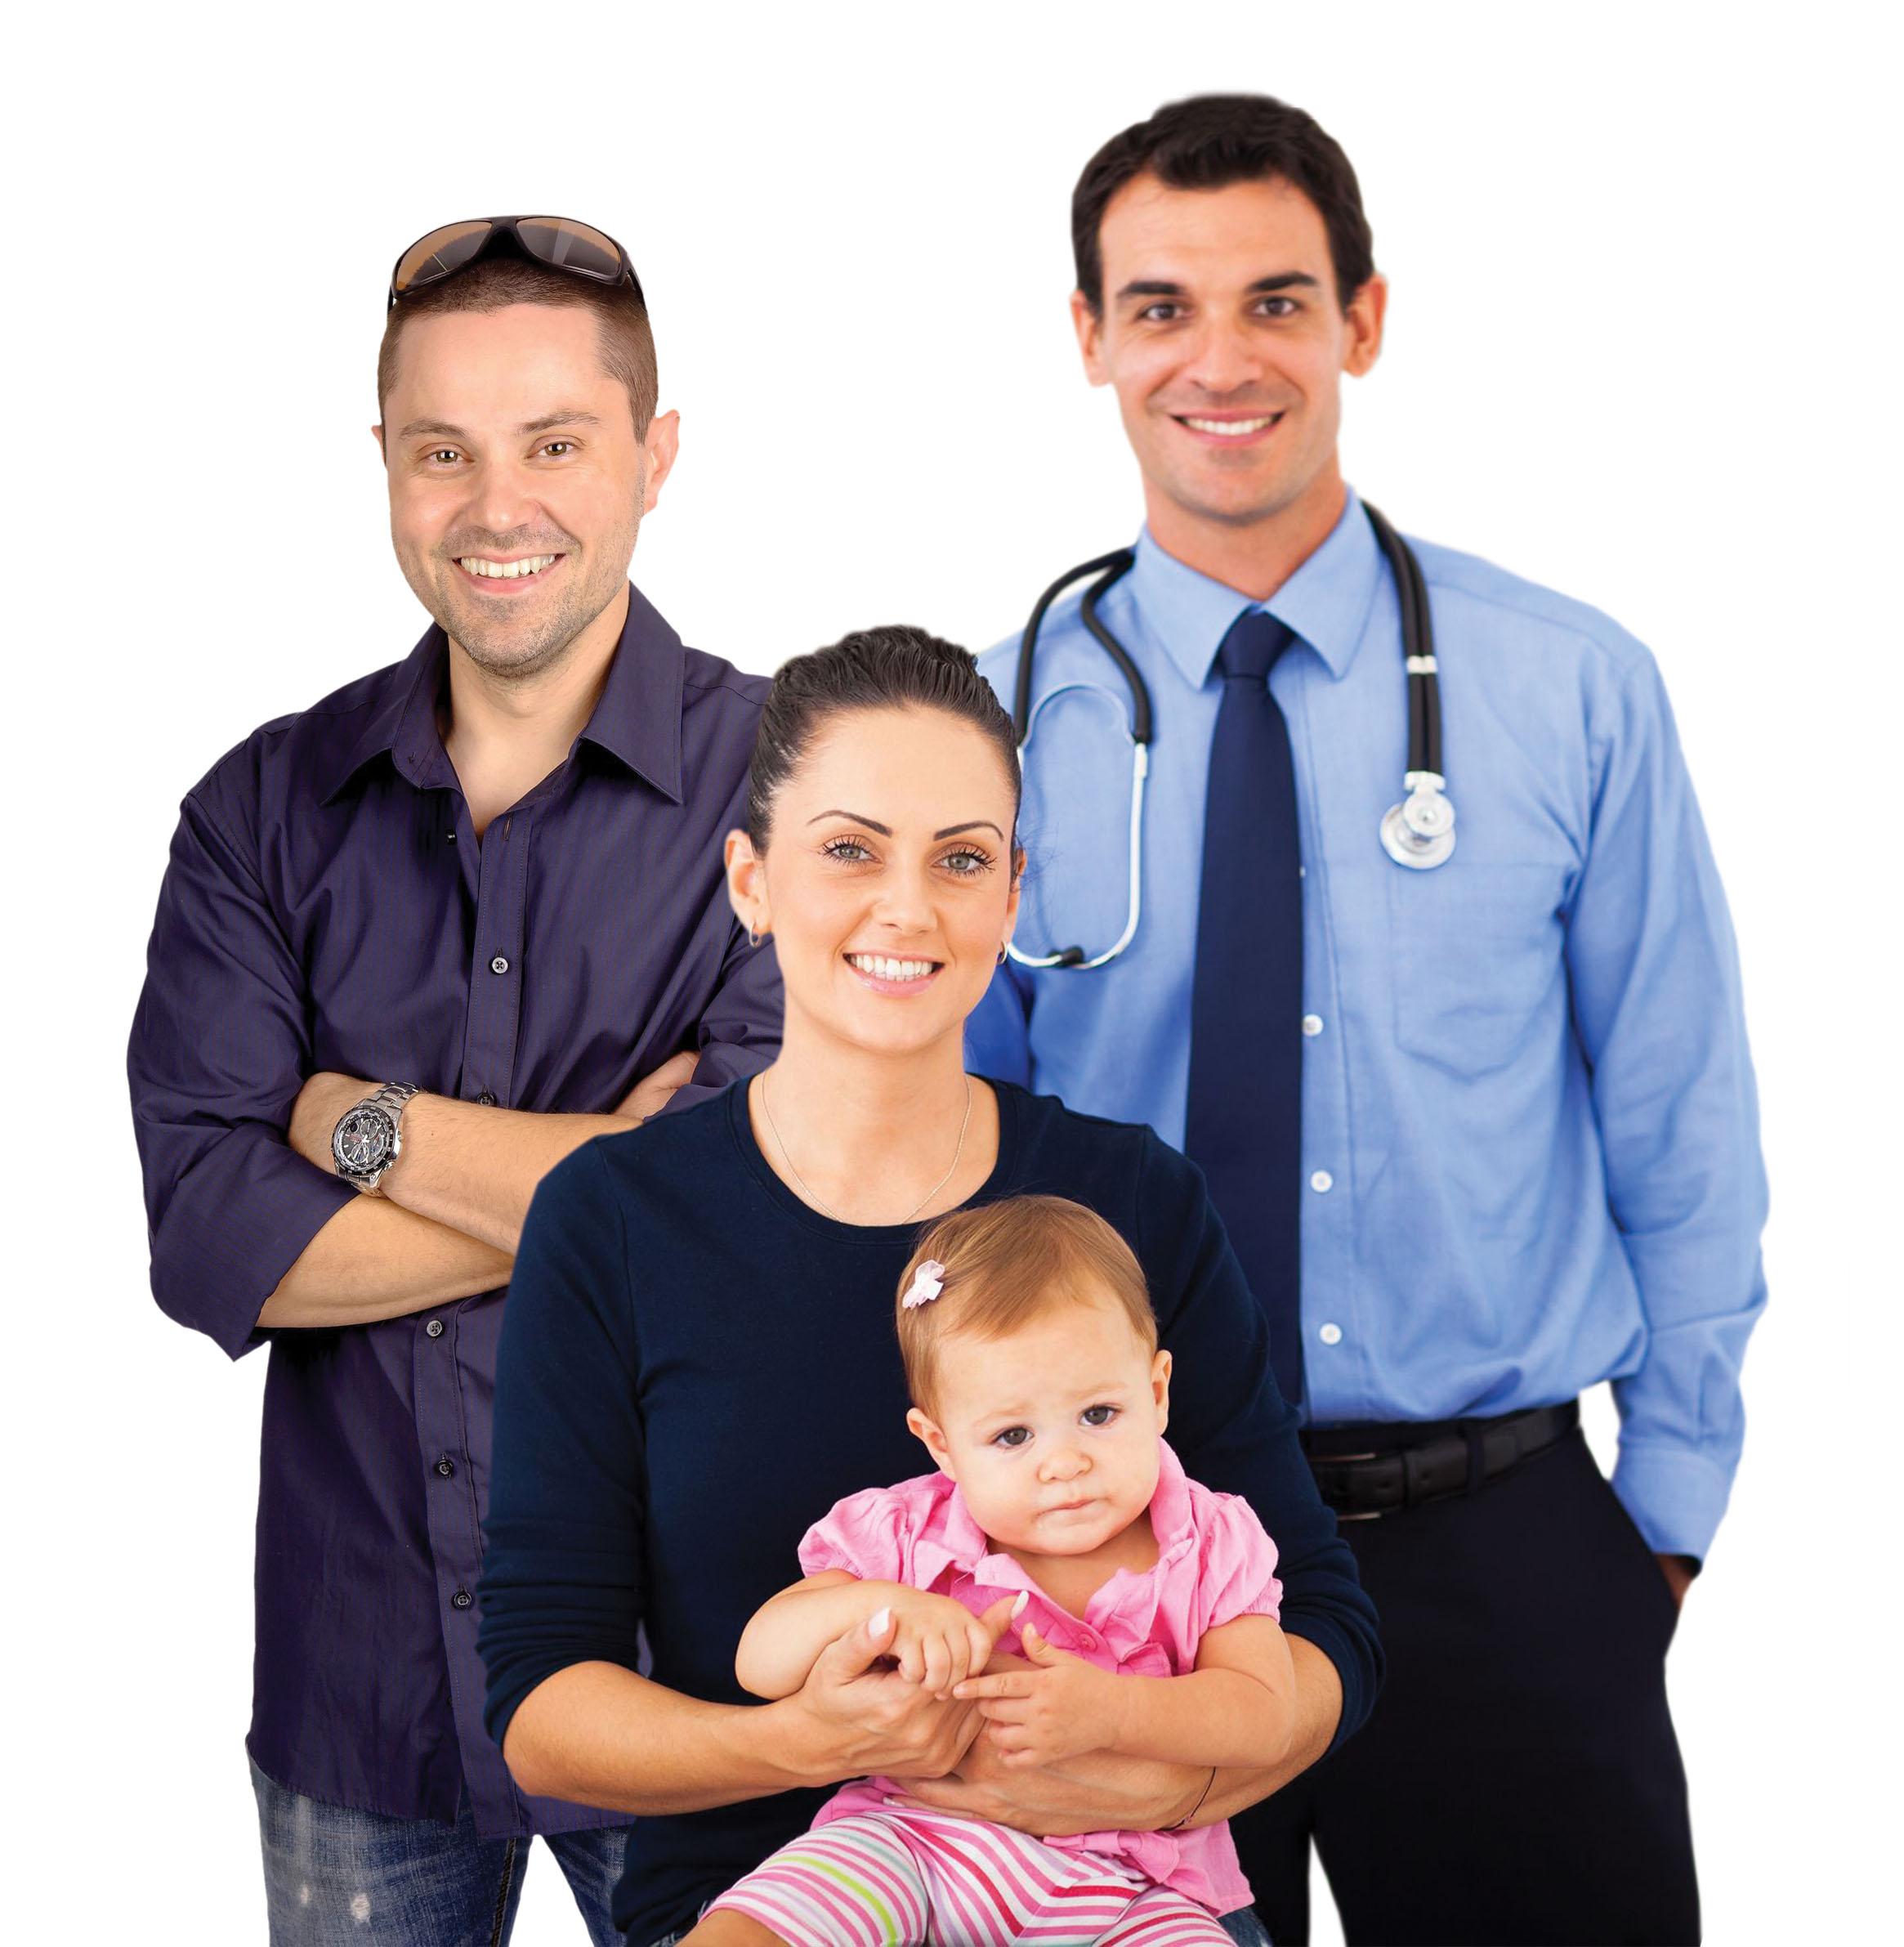 8206_doctor_family_0.jpg